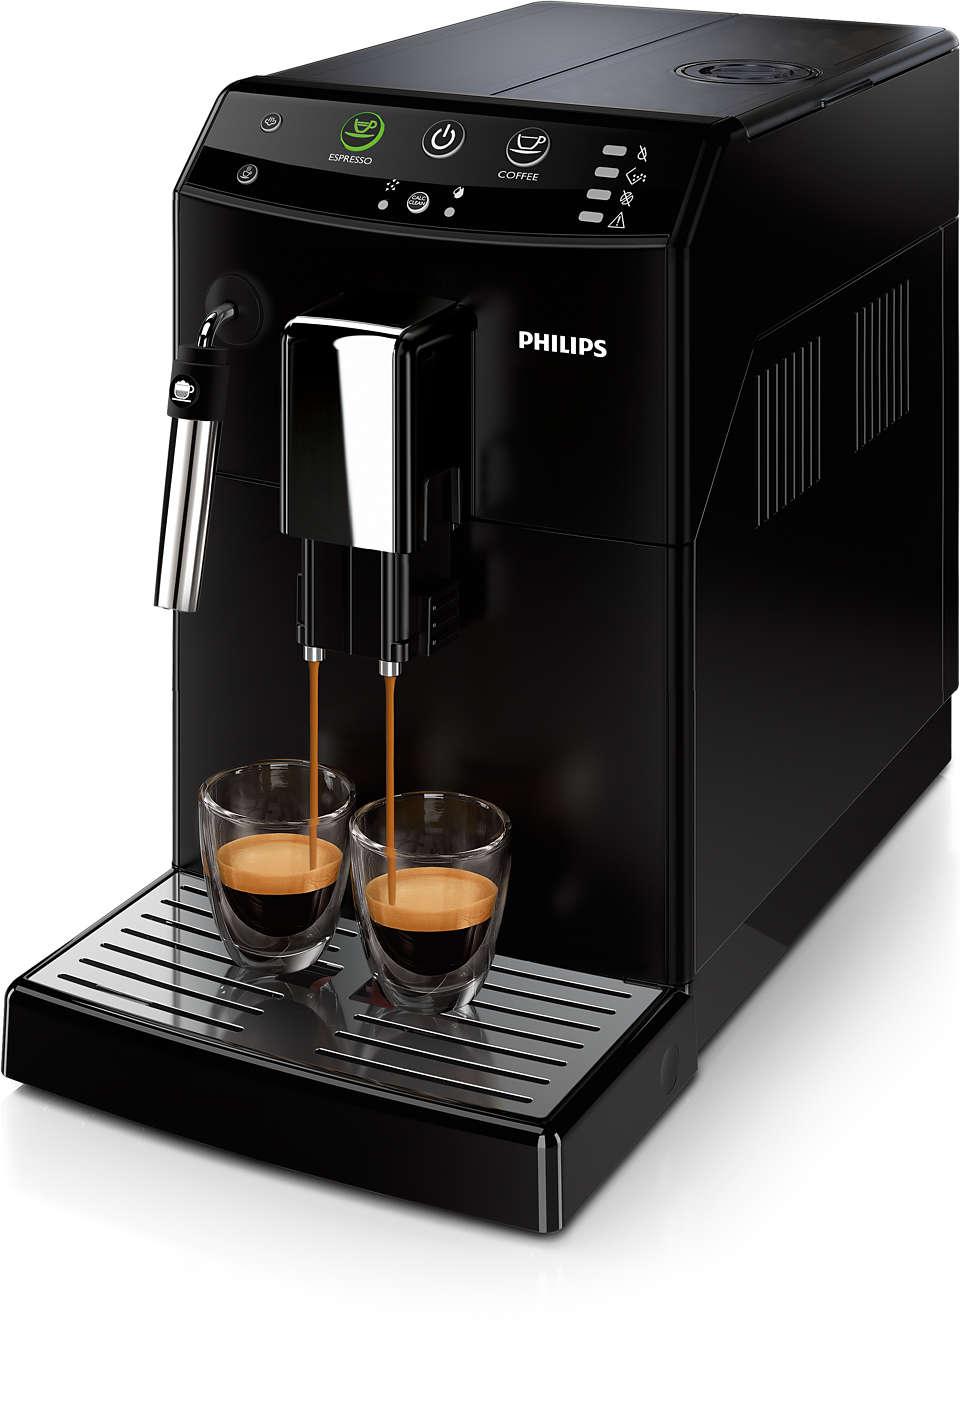 Altijd uw favoriete koffie met slechts één druk op de knop